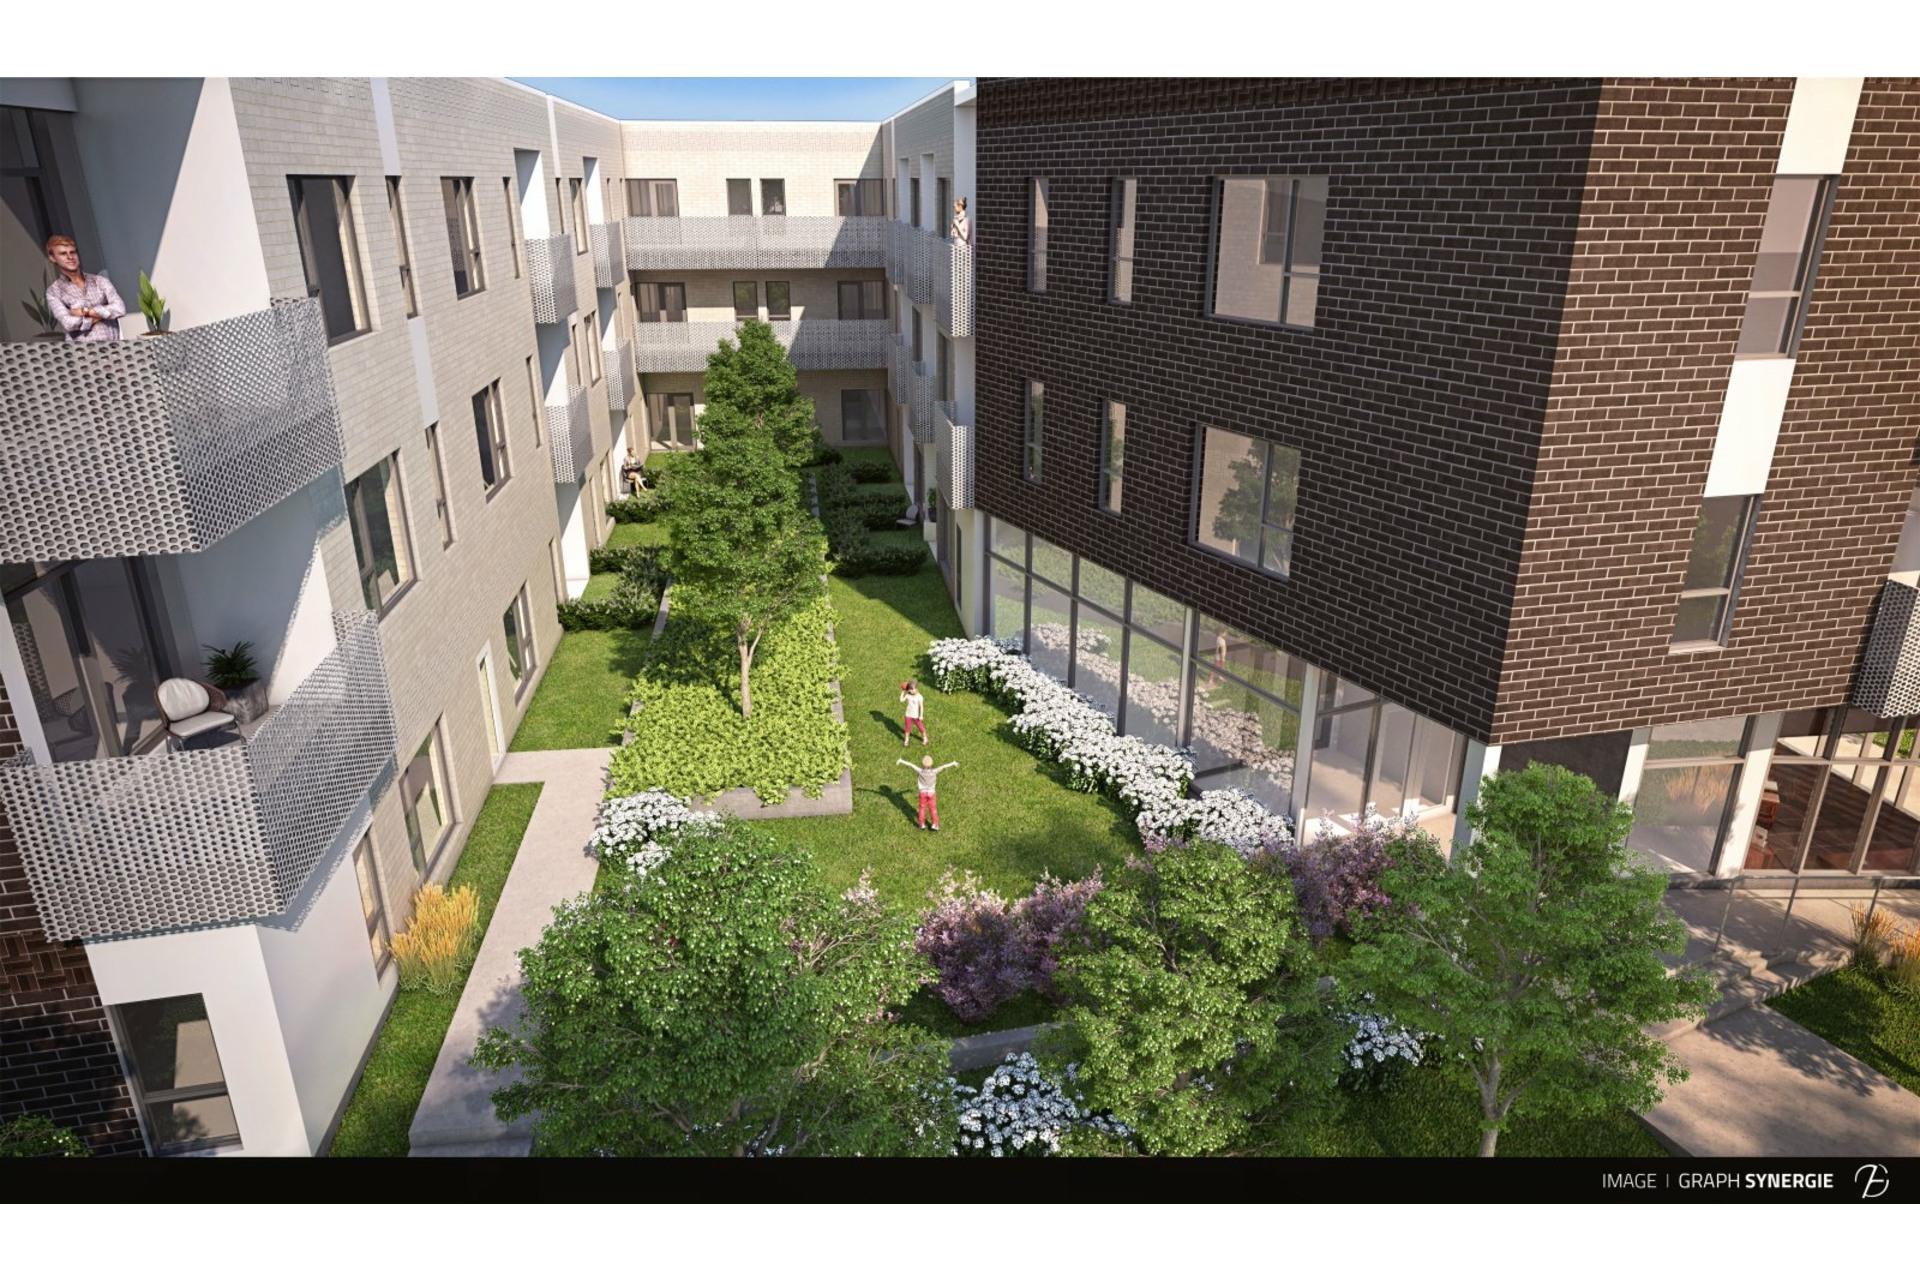 image 4 - Appartement À vendre Rosemont/La Petite-Patrie Montréal  - 5 pièces